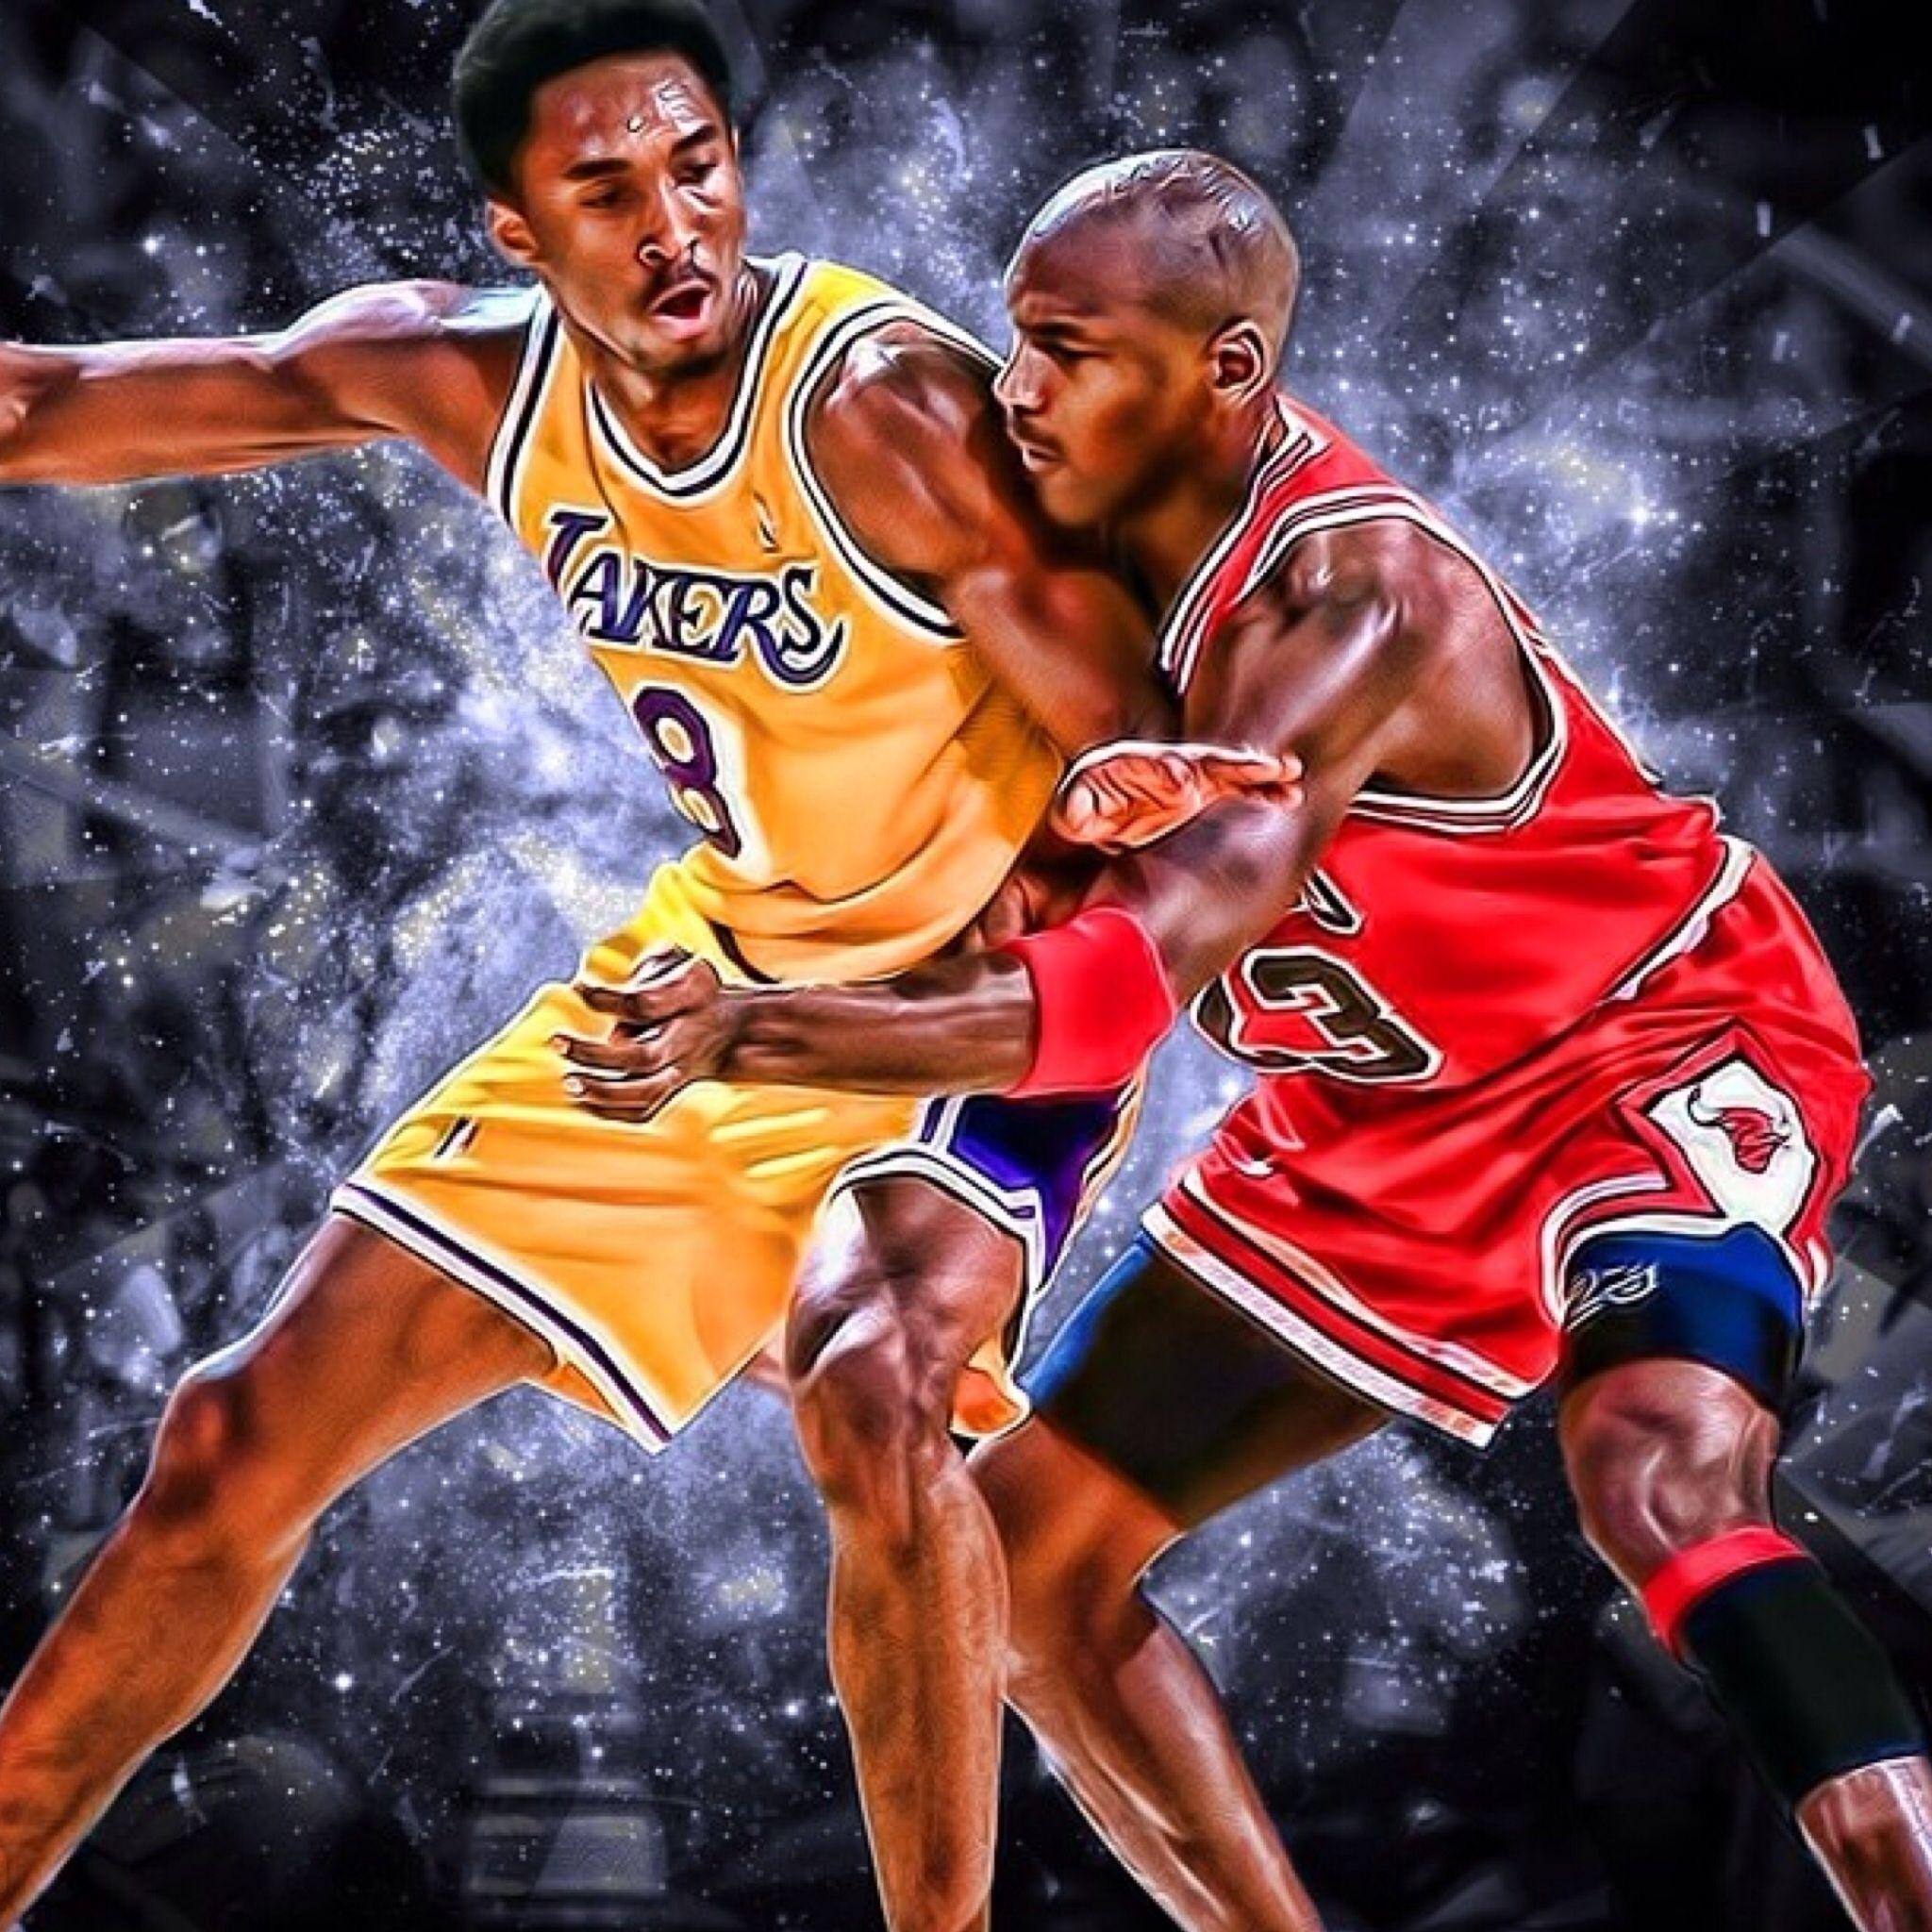 Kobe Mj Kobe Vs Jordan Michael Jordan Kobe Iphone kobe and michael jordan wallpaper